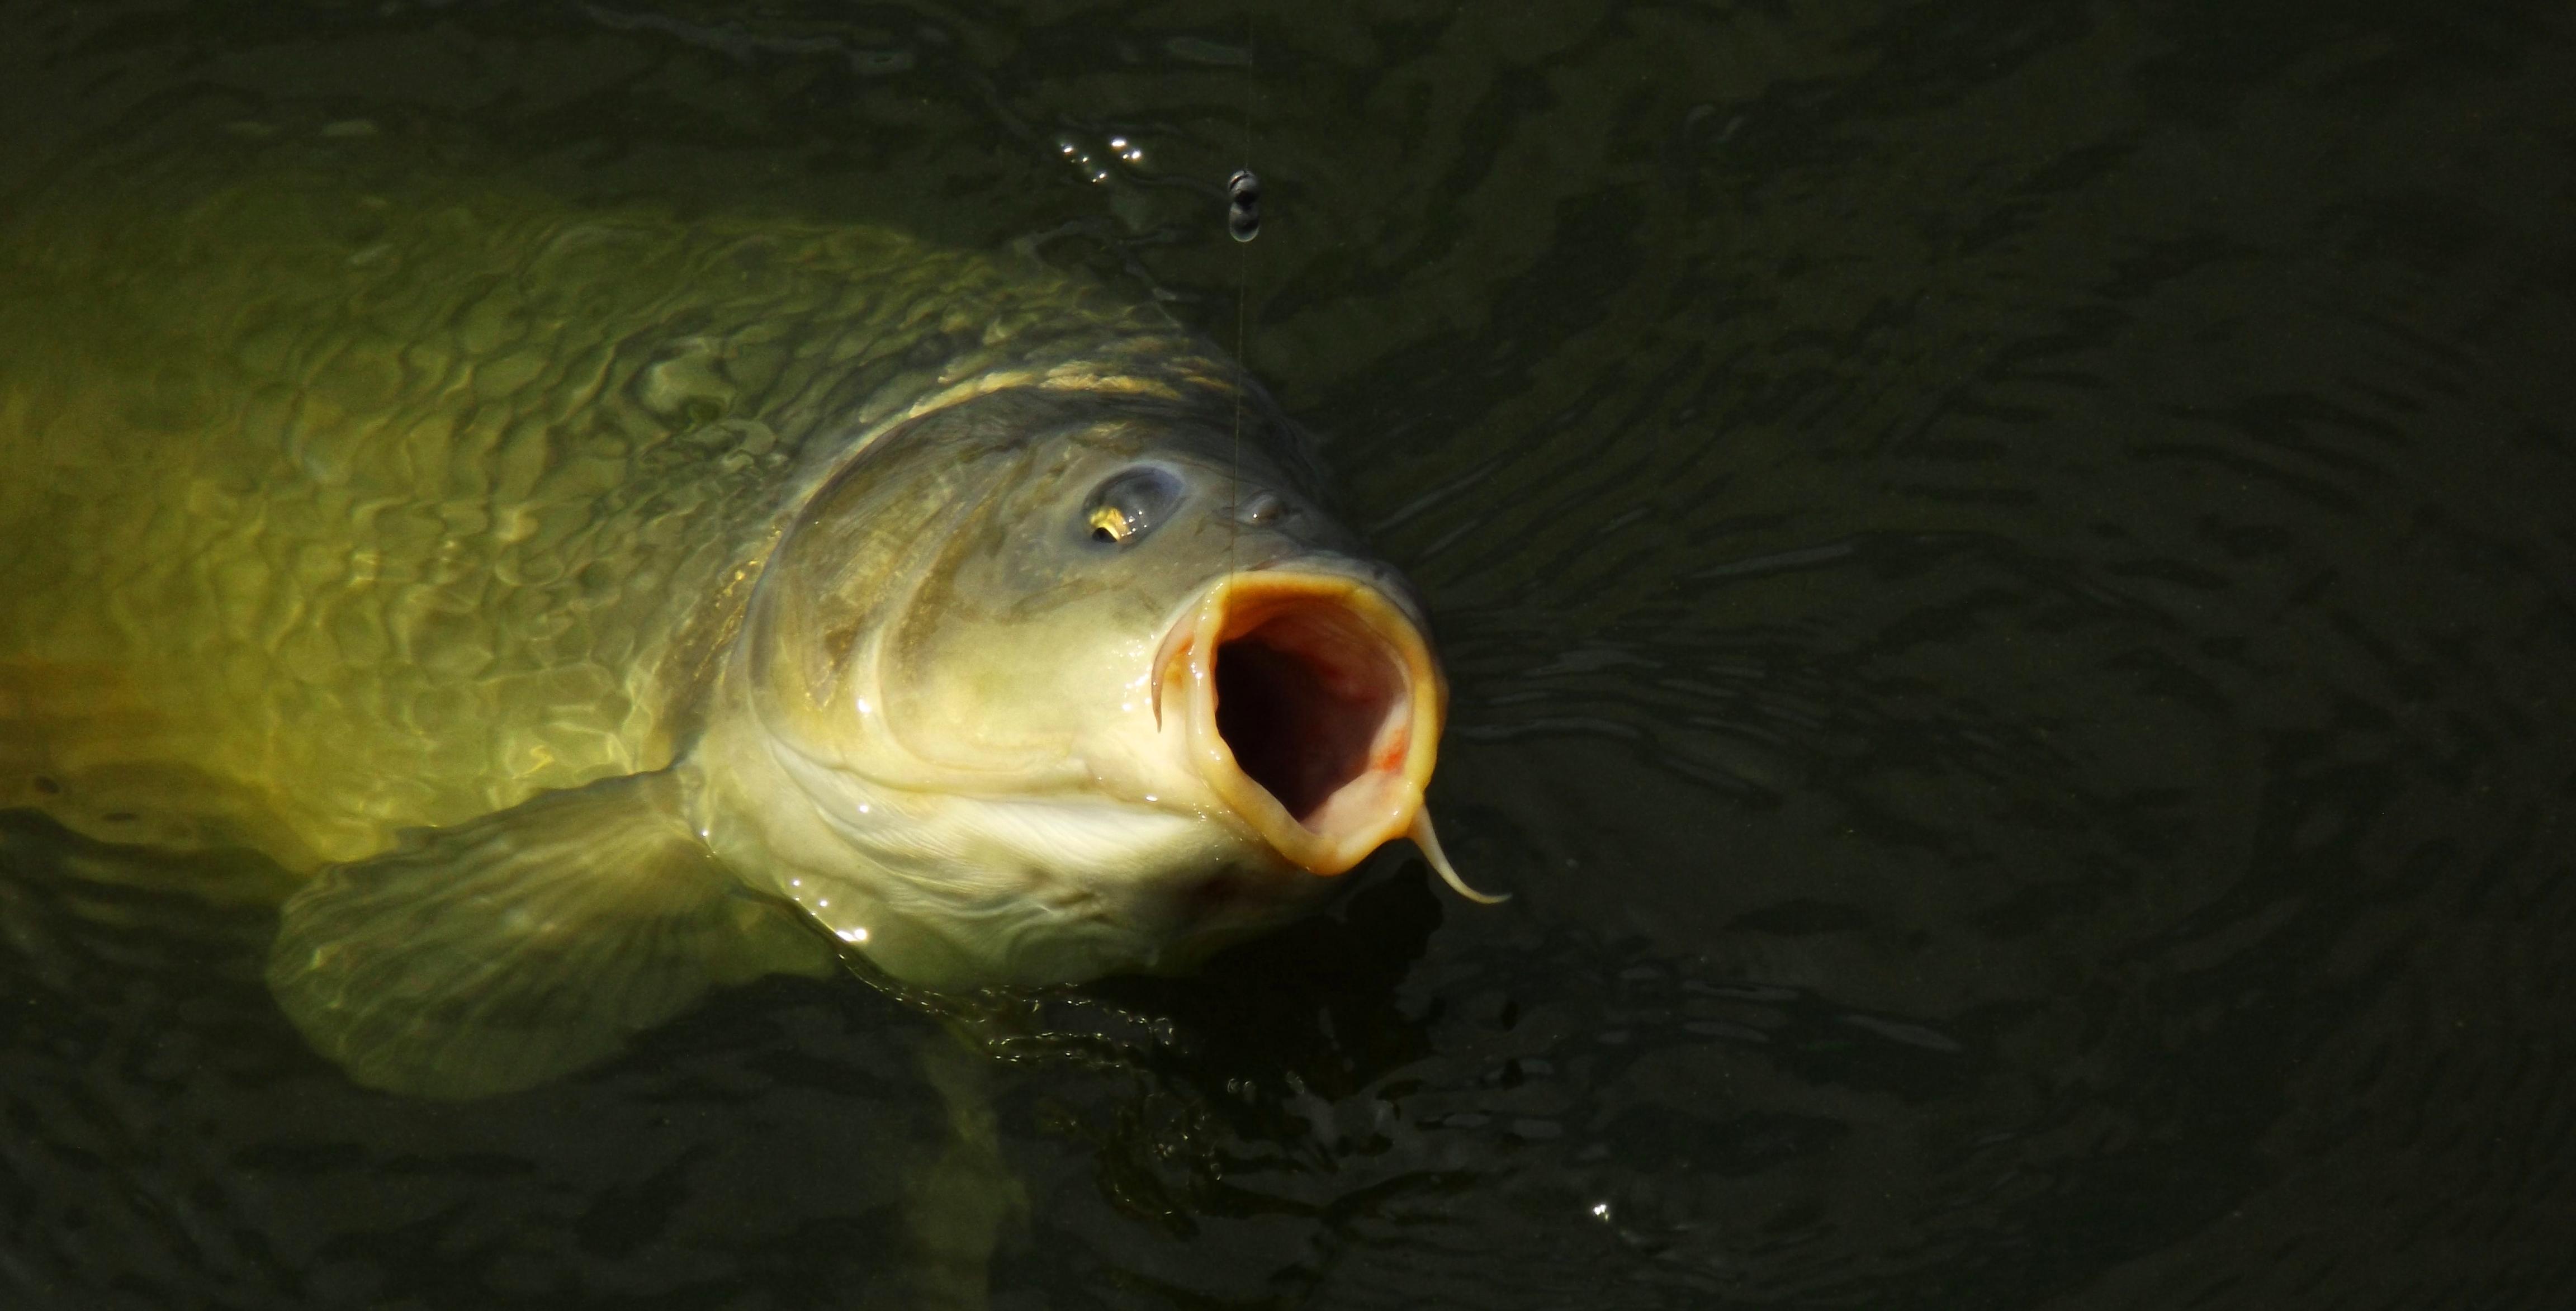 TIPY A TRIKY: Perfektní rybí moučky za pár korun, které přilákají i ty největší kapry!